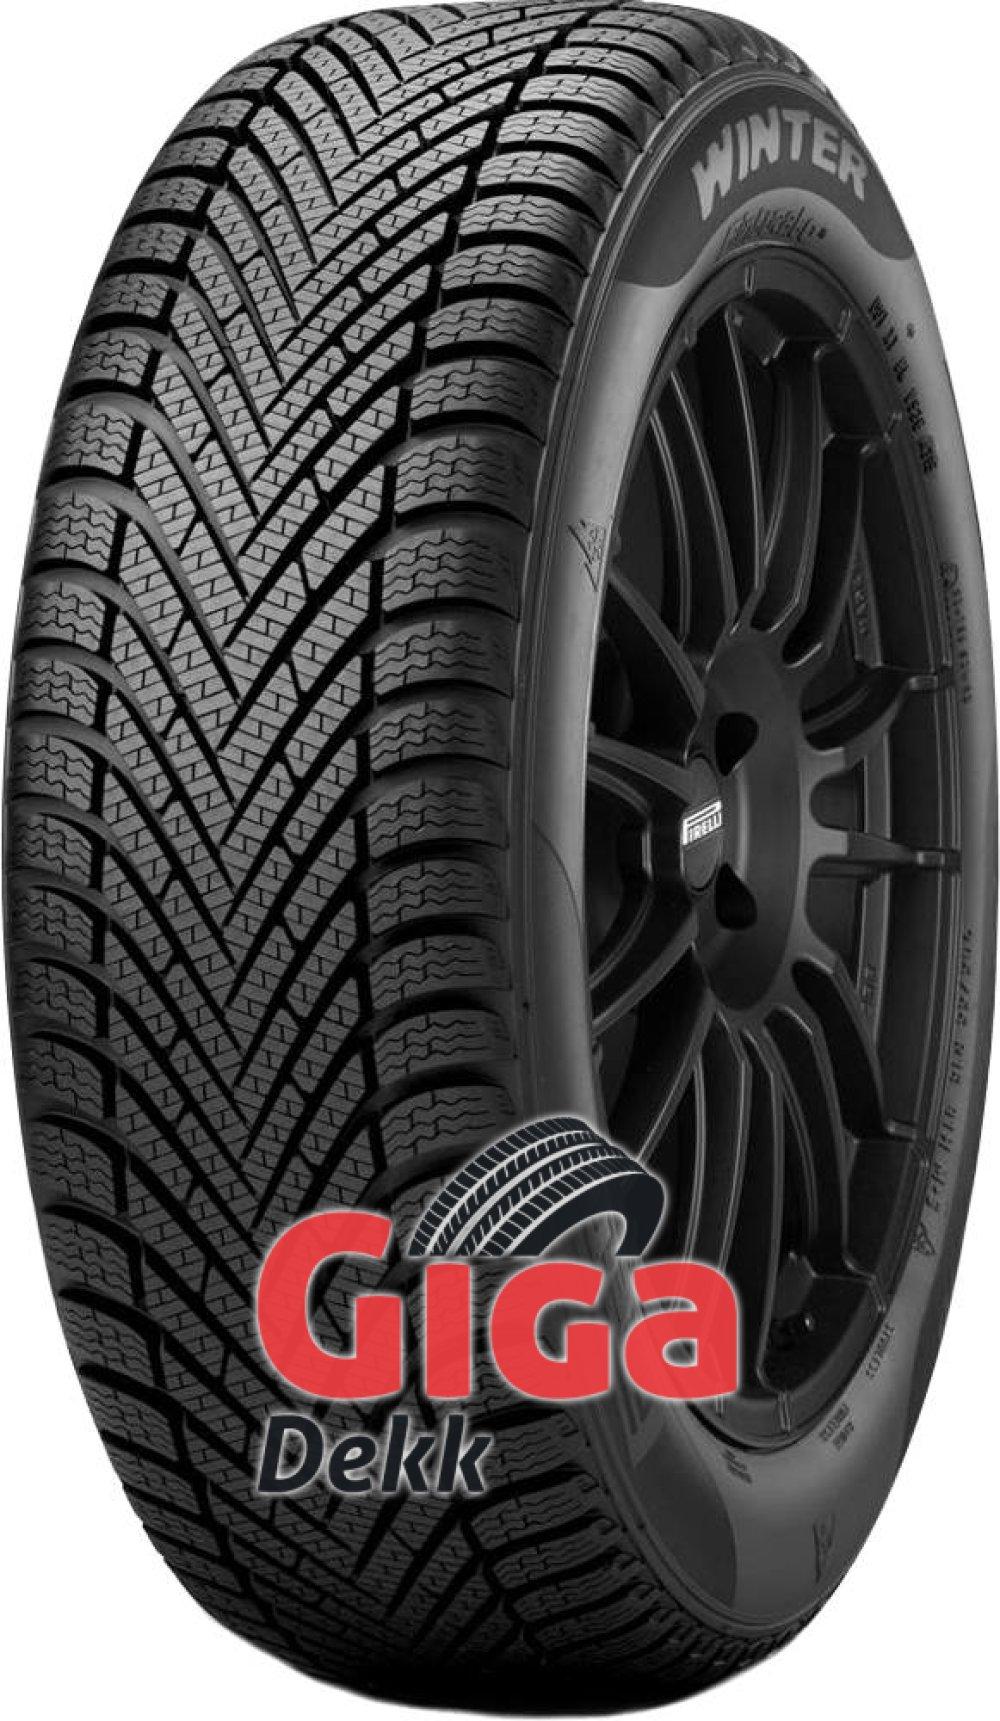 Pirelli Cinturato Winter ( 175/65 R14 82T )